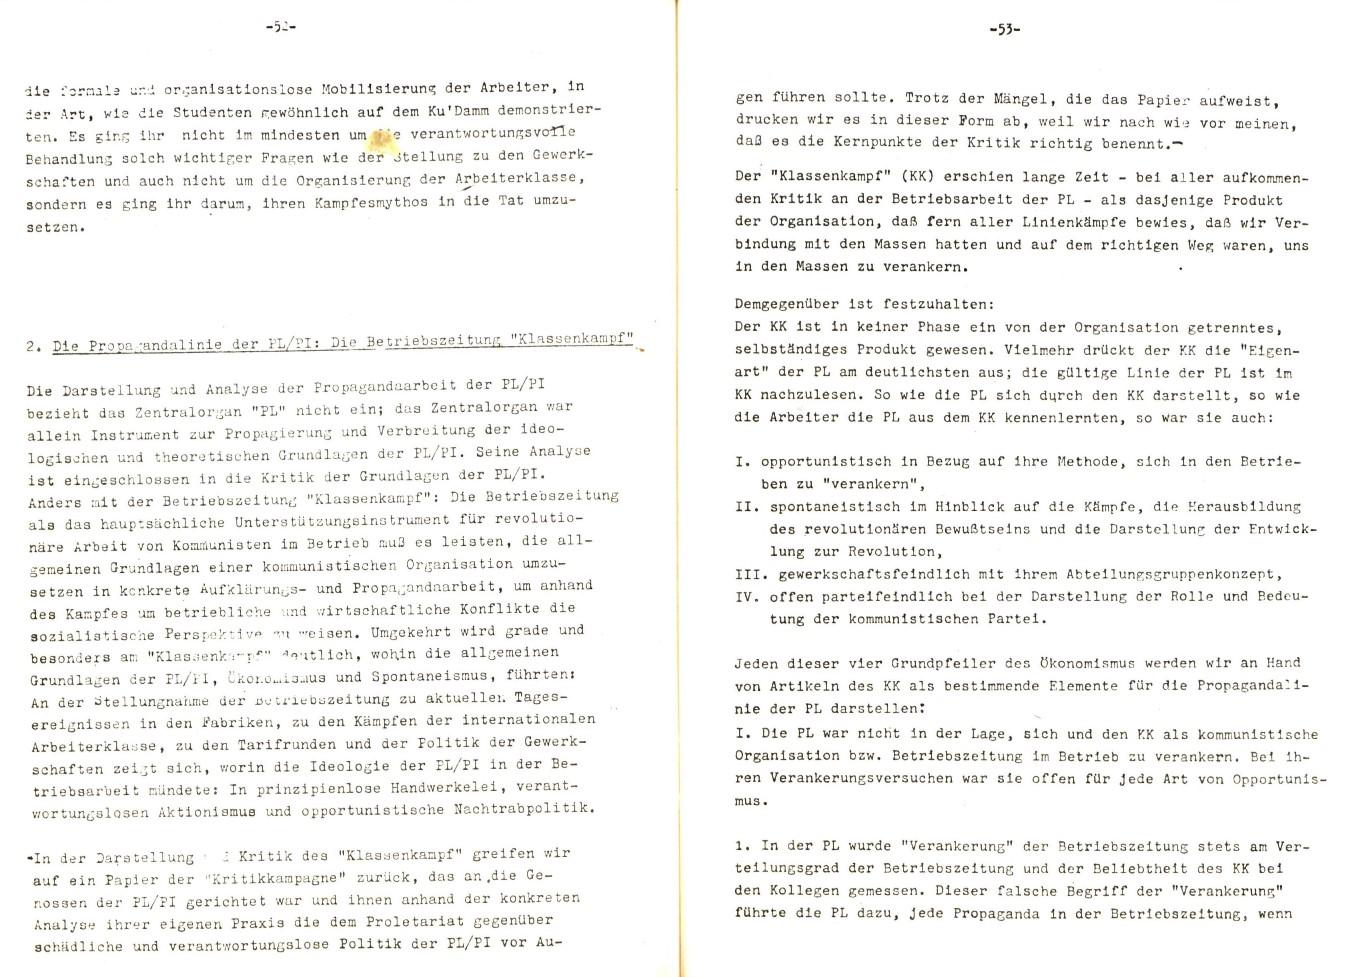 PLPI_1971_Aufloesung_29